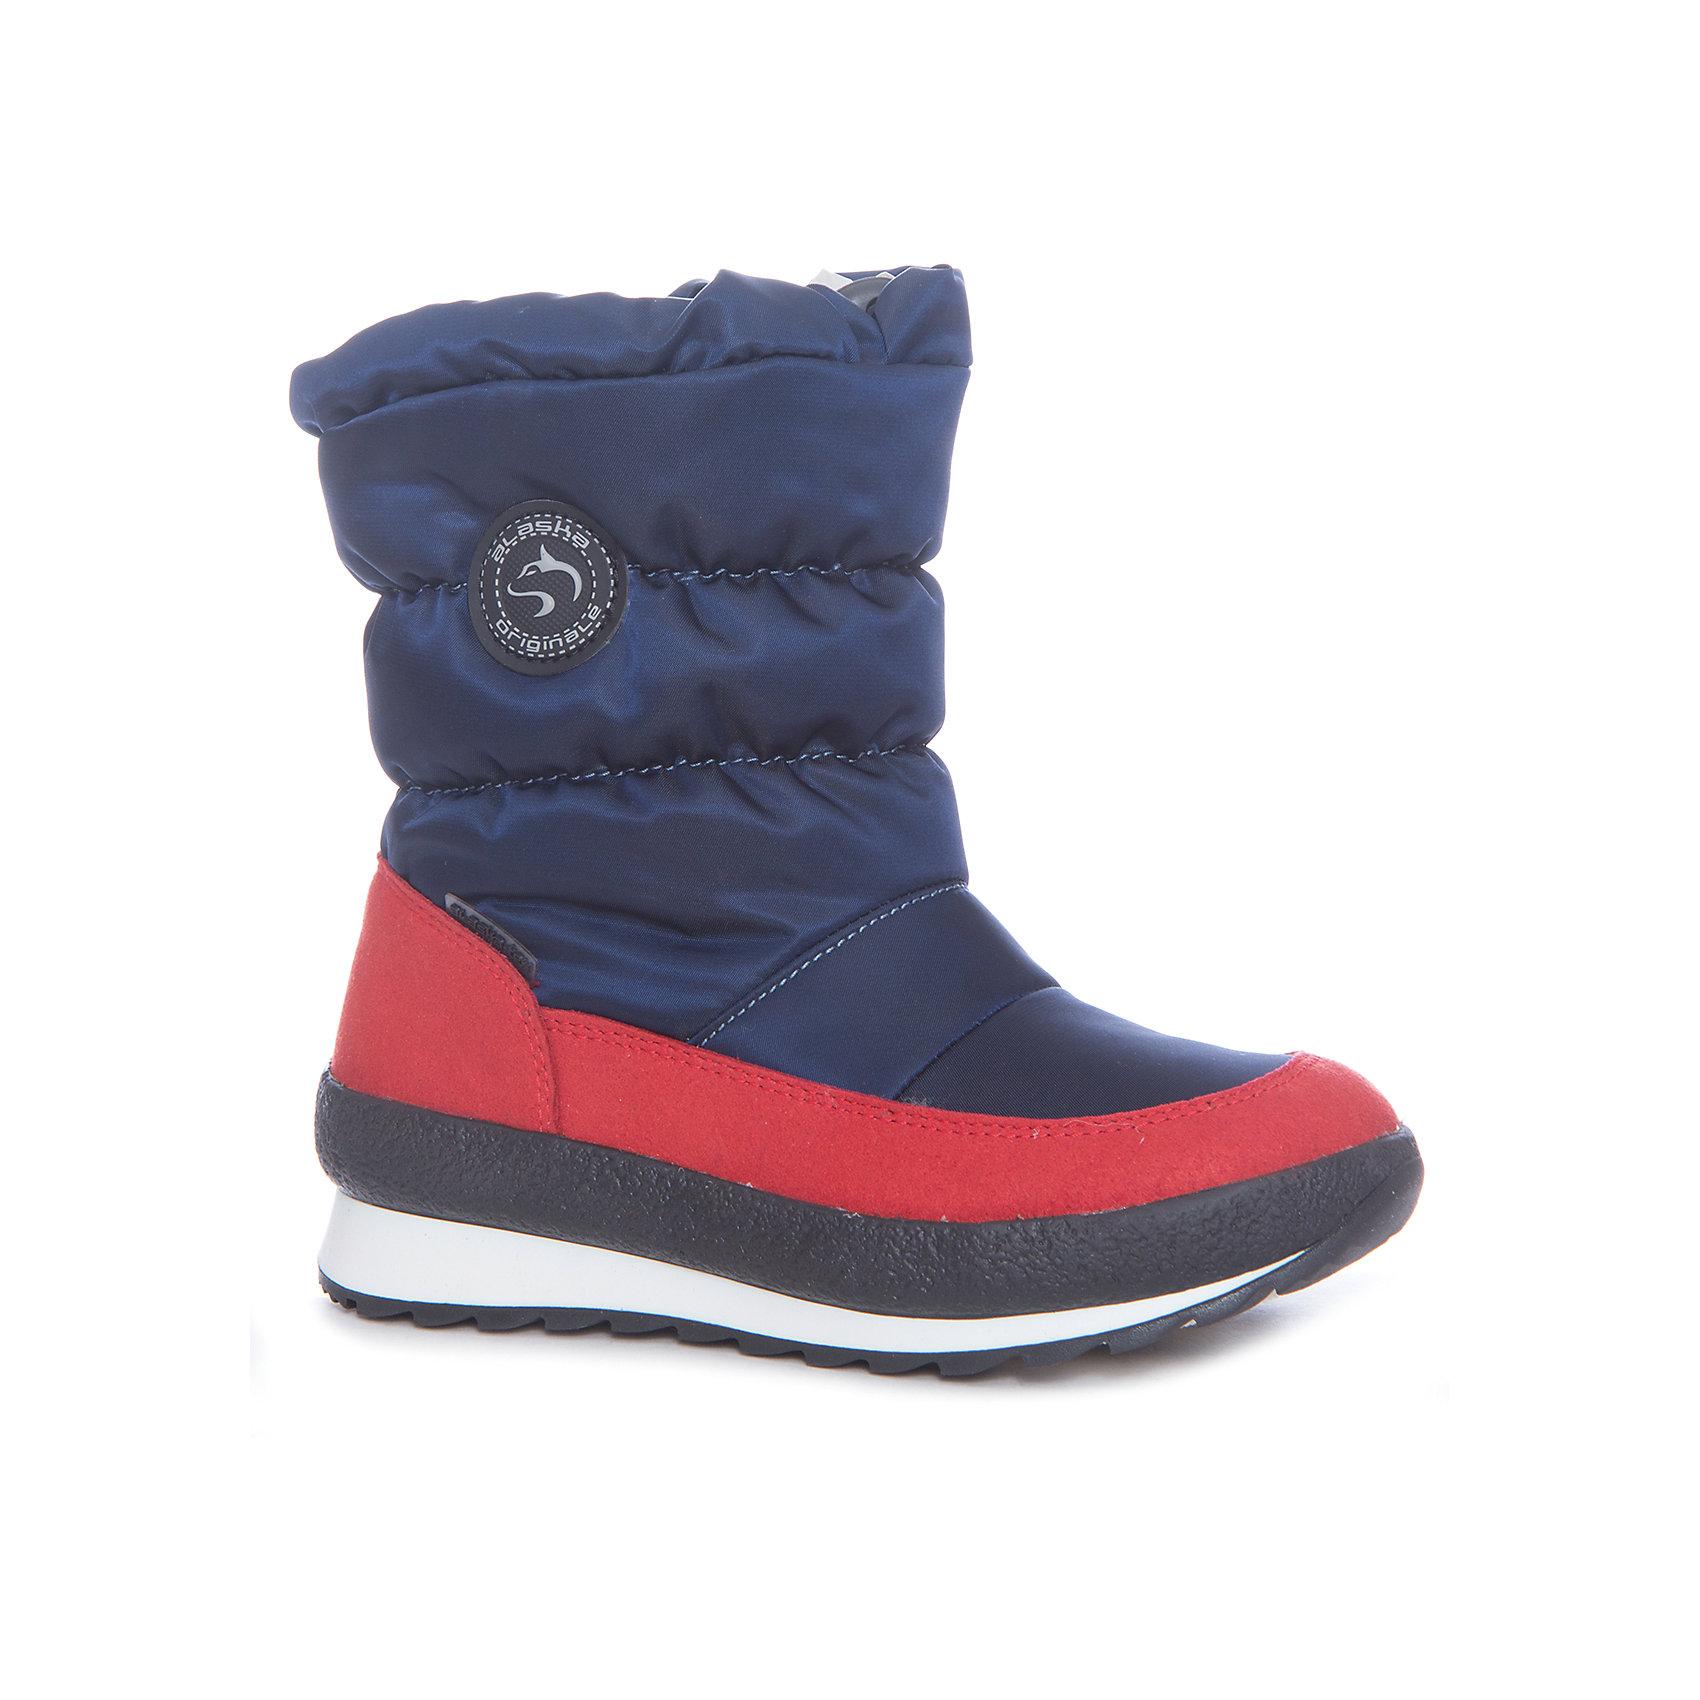 Сапоги  Alaska OriginaleМембранная обувь AlaskaOriginale - это стильная, удобная и высокотехнологичная обувь нового поколения, которая при любой погоде остается сухой и теплой. Полиуретановая литая подошва с системой «ANTISLIDE» обеспечивает превосходное сцепление, высокую устойчивость к деформациям, низким температурами и гарантирует полную водонепроницаемость. Мембрана позволяет стопе «дышать», сохраняя ее сухой. Благодаря всем этим свойствам обувь обеспечивает комфорт при ношении от +5 до -25 градусов.<br><br>Состав: <br>Материалы верха: Текстильные материалы. Подрошва:Термопластик.<br><br>Ширина мм: 257<br>Глубина мм: 180<br>Высота мм: 130<br>Вес г: 420<br>Цвет: синий<br>Возраст от месяцев: 36<br>Возраст до месяцев: 48<br>Пол: Унисекс<br>Возраст: Детский<br>Размер: 24,25,26,23,22,28,29,30,31,32,27,33<br>SKU: 4399128